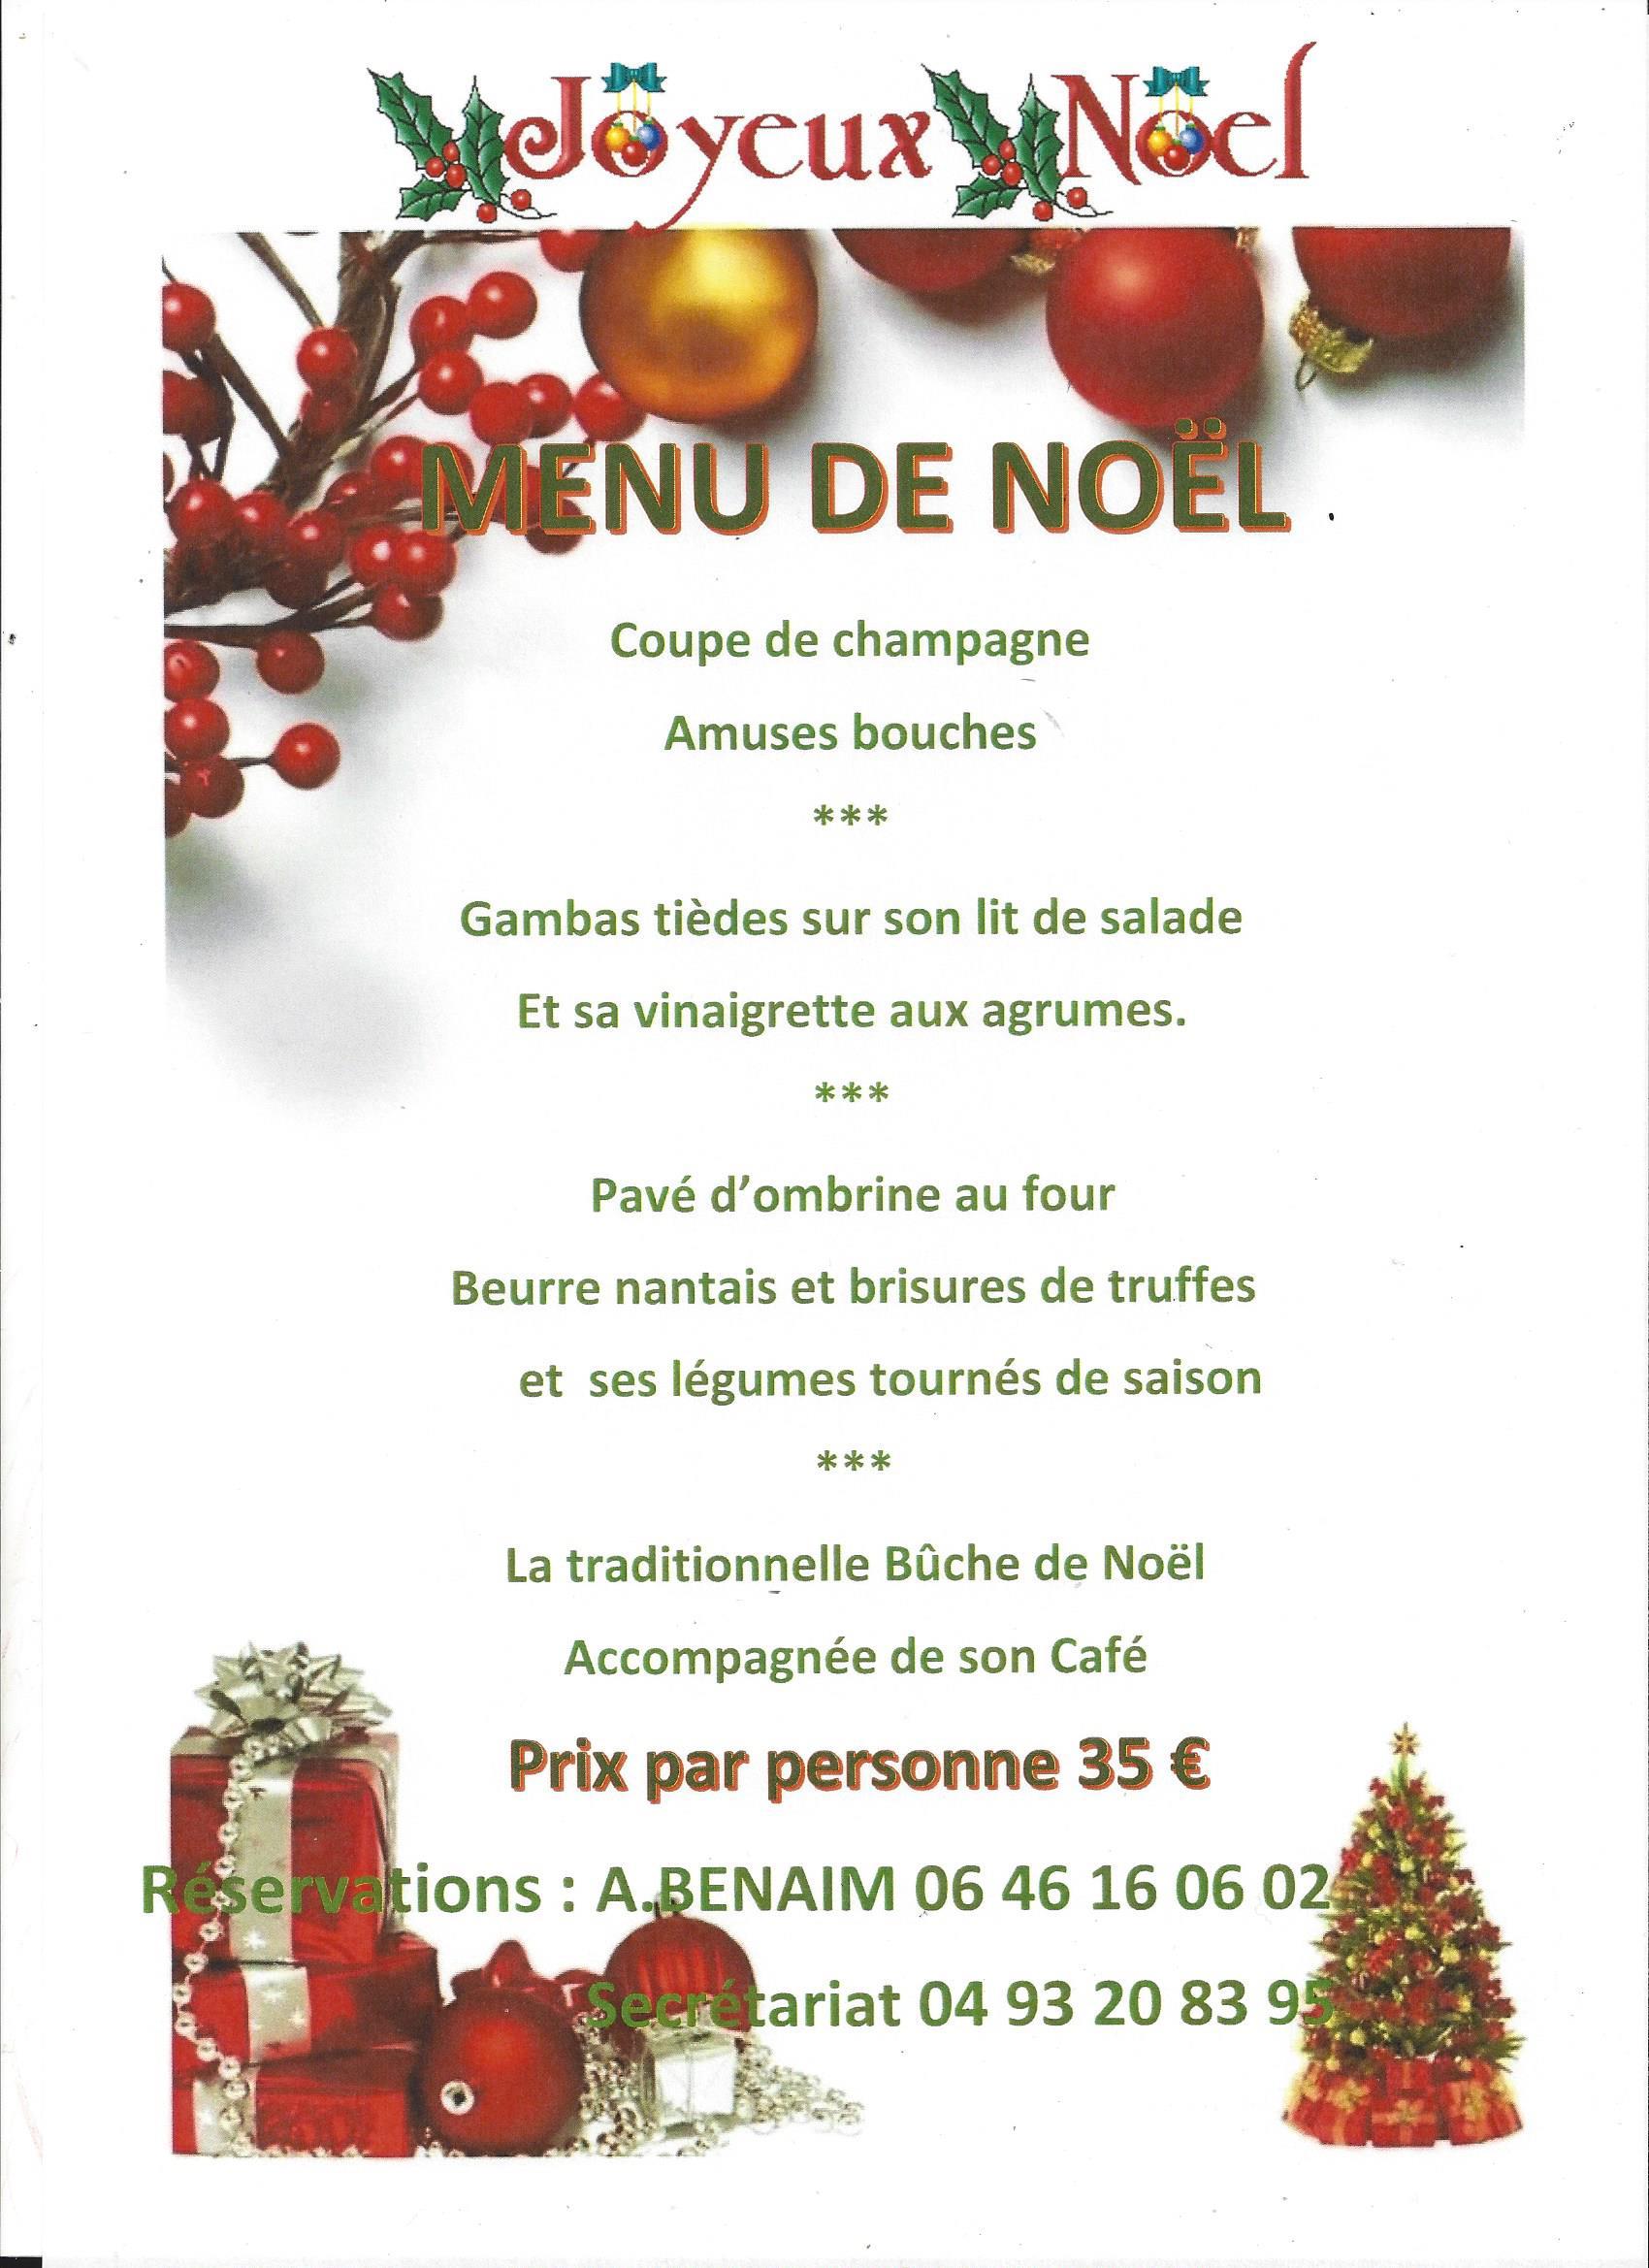 Decoration De Menu De Noel.Le Menu De Noel Au Restaurant Du Domaine Du Loup Club Du